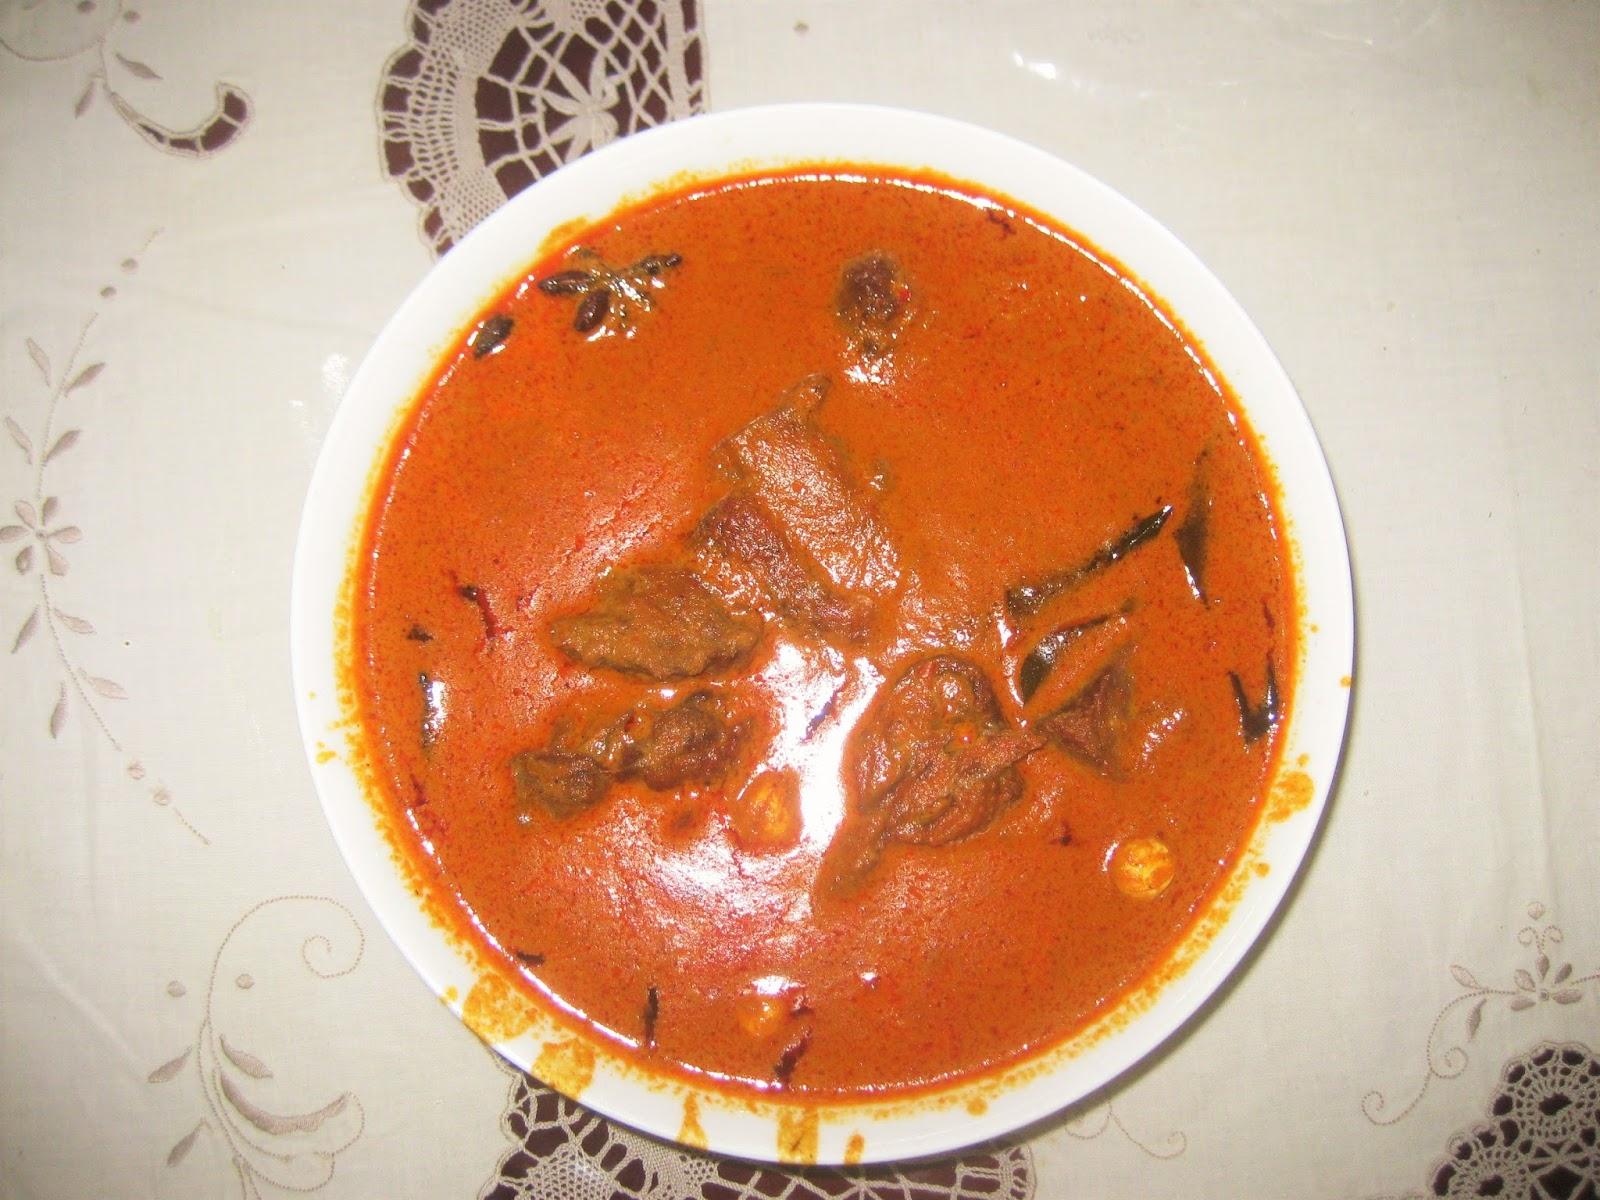 Menu makanan tradisional dari bebek pilihan atau bebek kampung diolah kari menjadi kari bebek zuper lezat